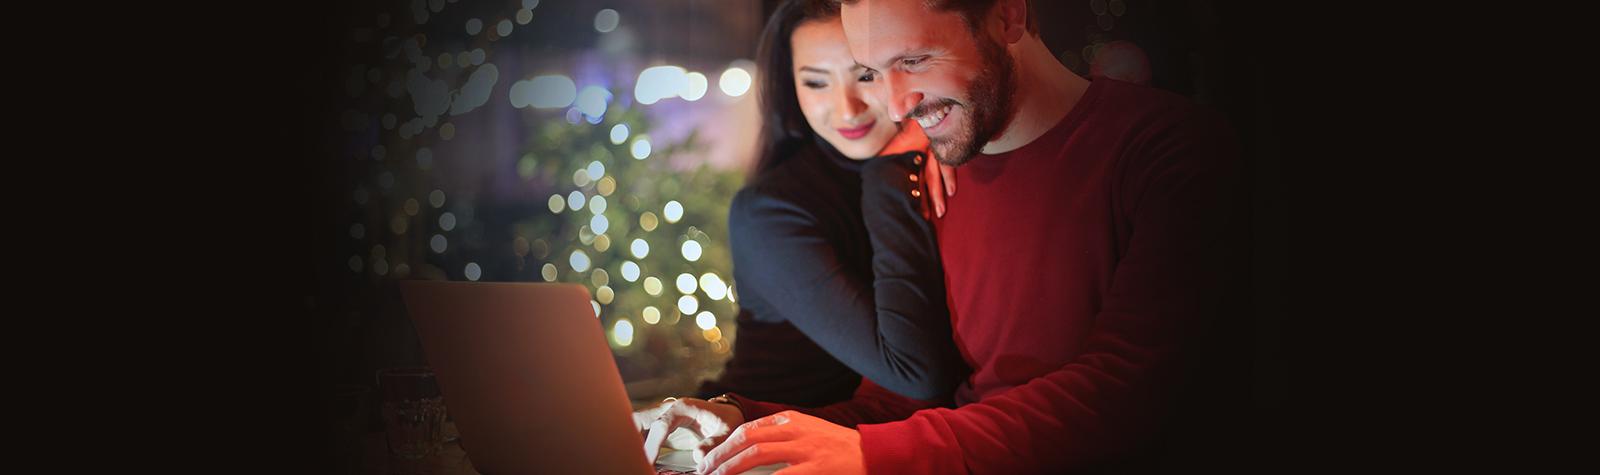 Welke vragen heb jij in december over online veiligheid?